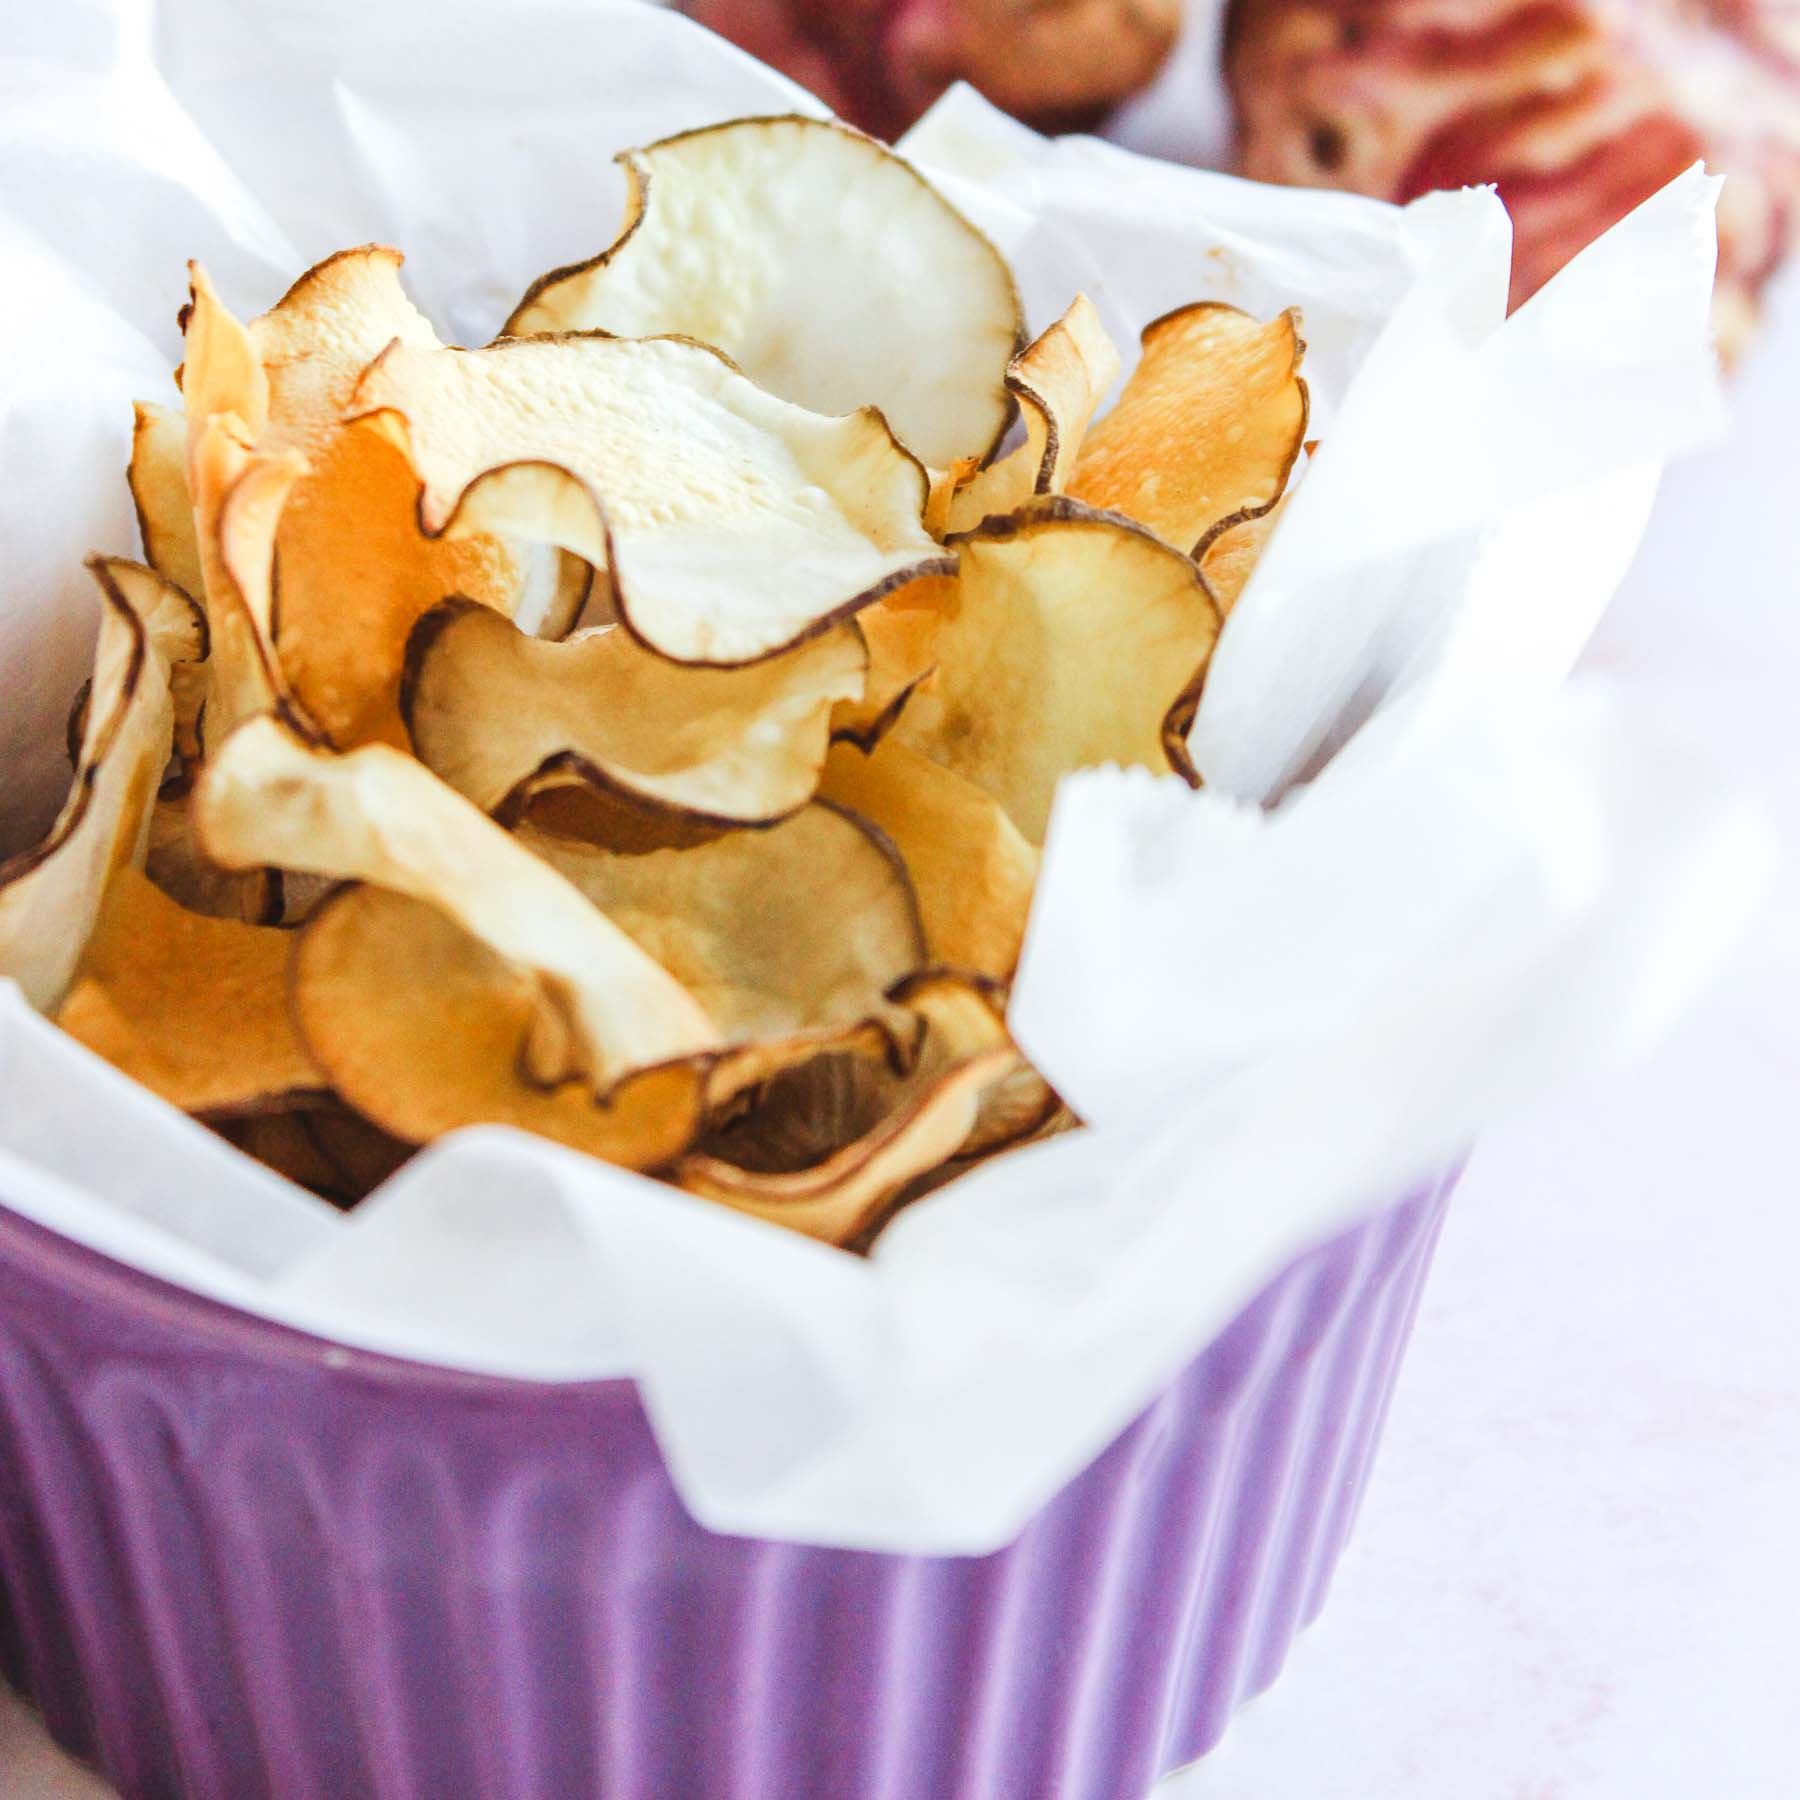 Baked jerusalem artichoke chips in a bowl.